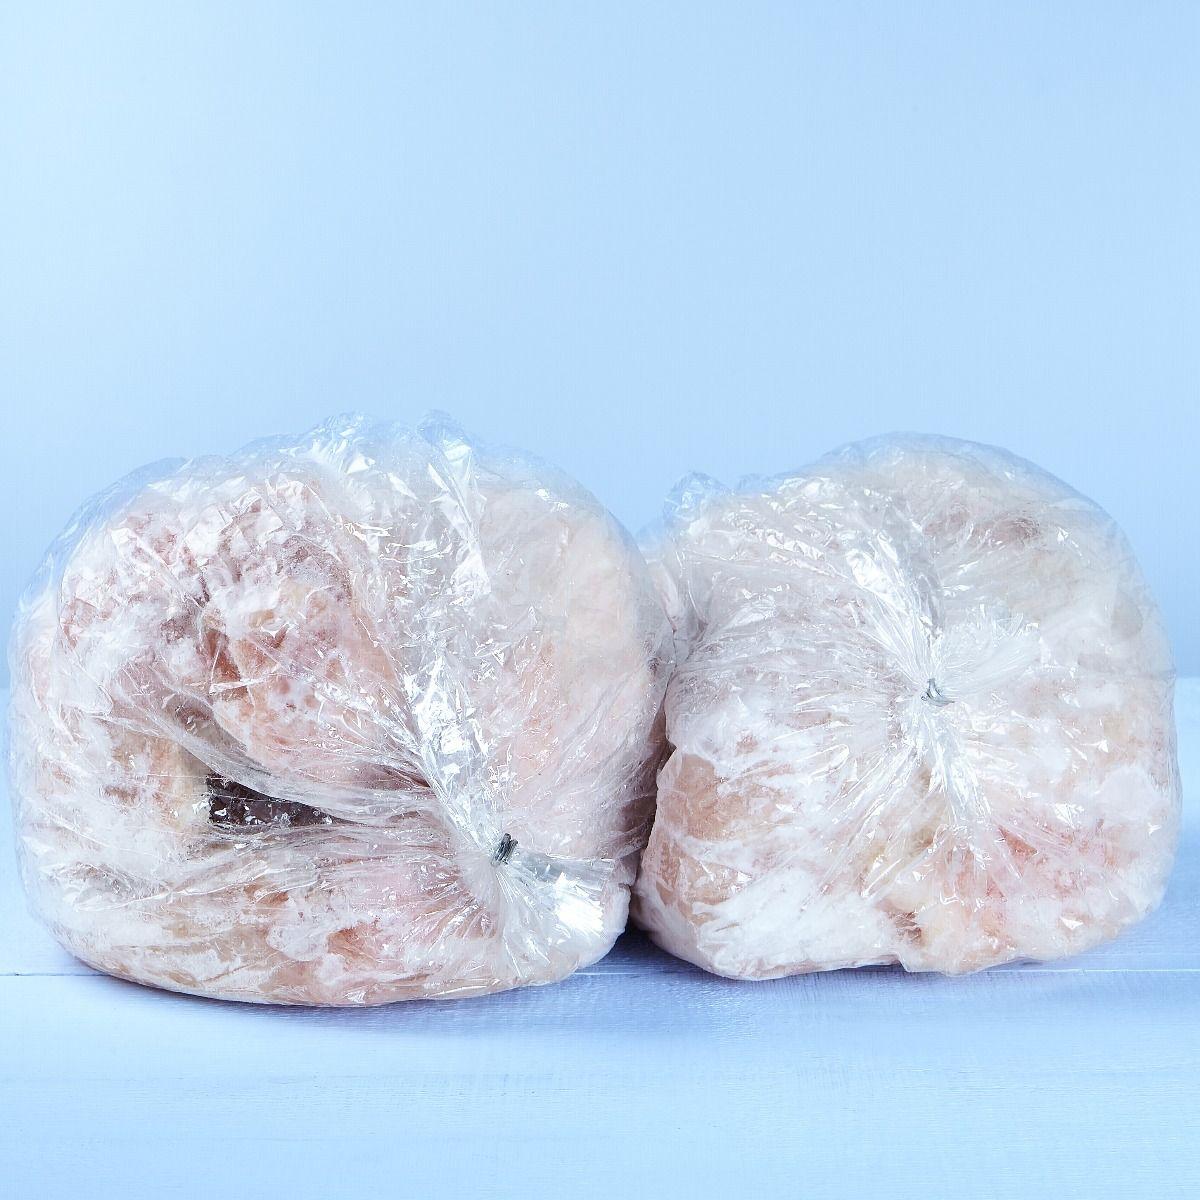 Poitrines de dindon avec dos et pilons d'aile désossés, sans sel ajouté